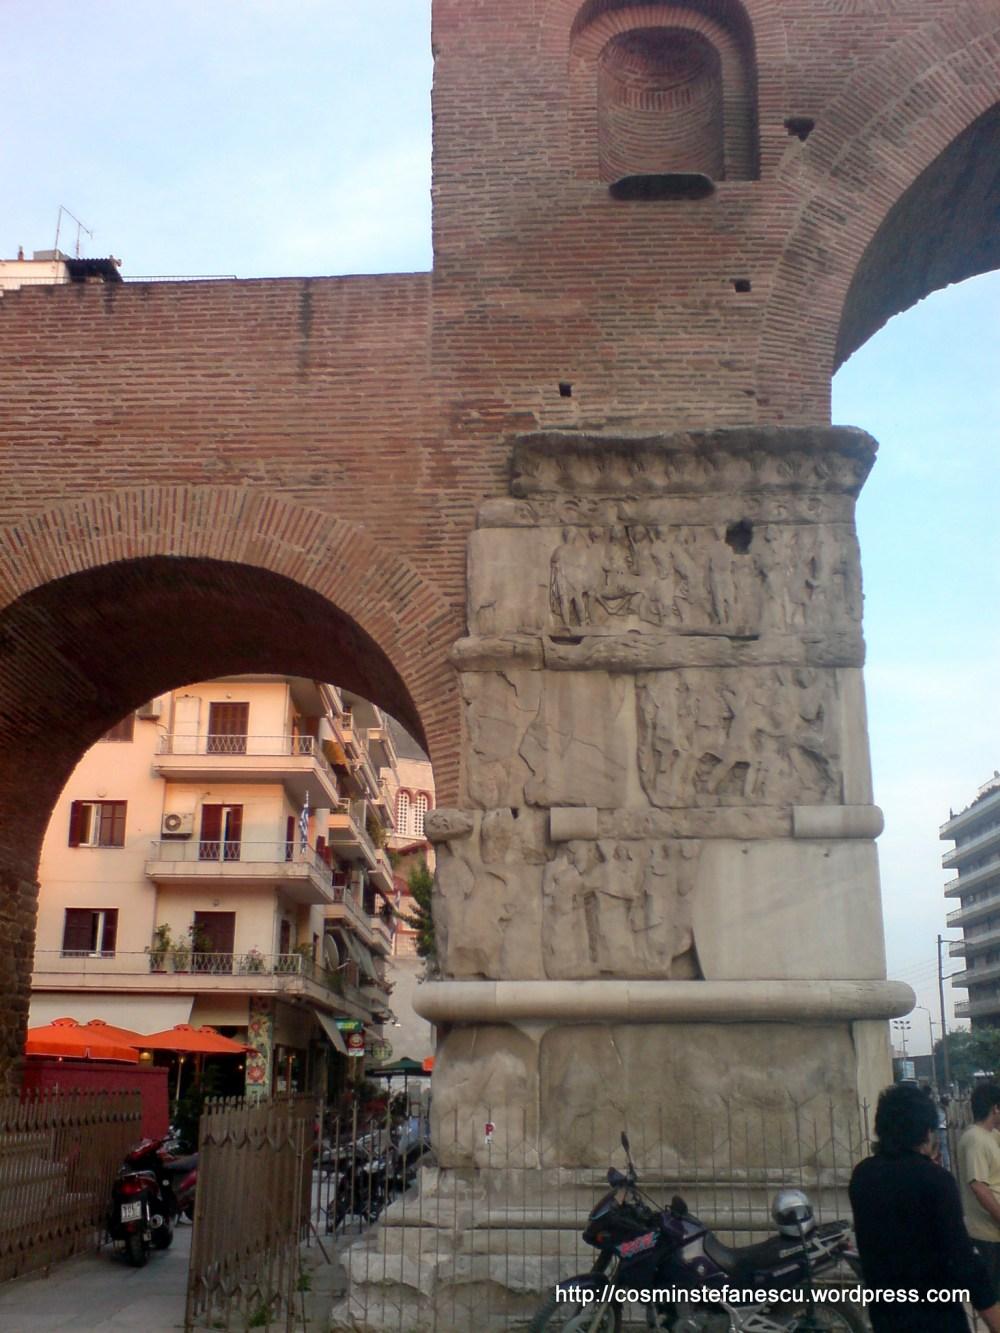 Arcul lui Galeriu de la Tesaloniki Grecia - Foto Comin Stefanescu